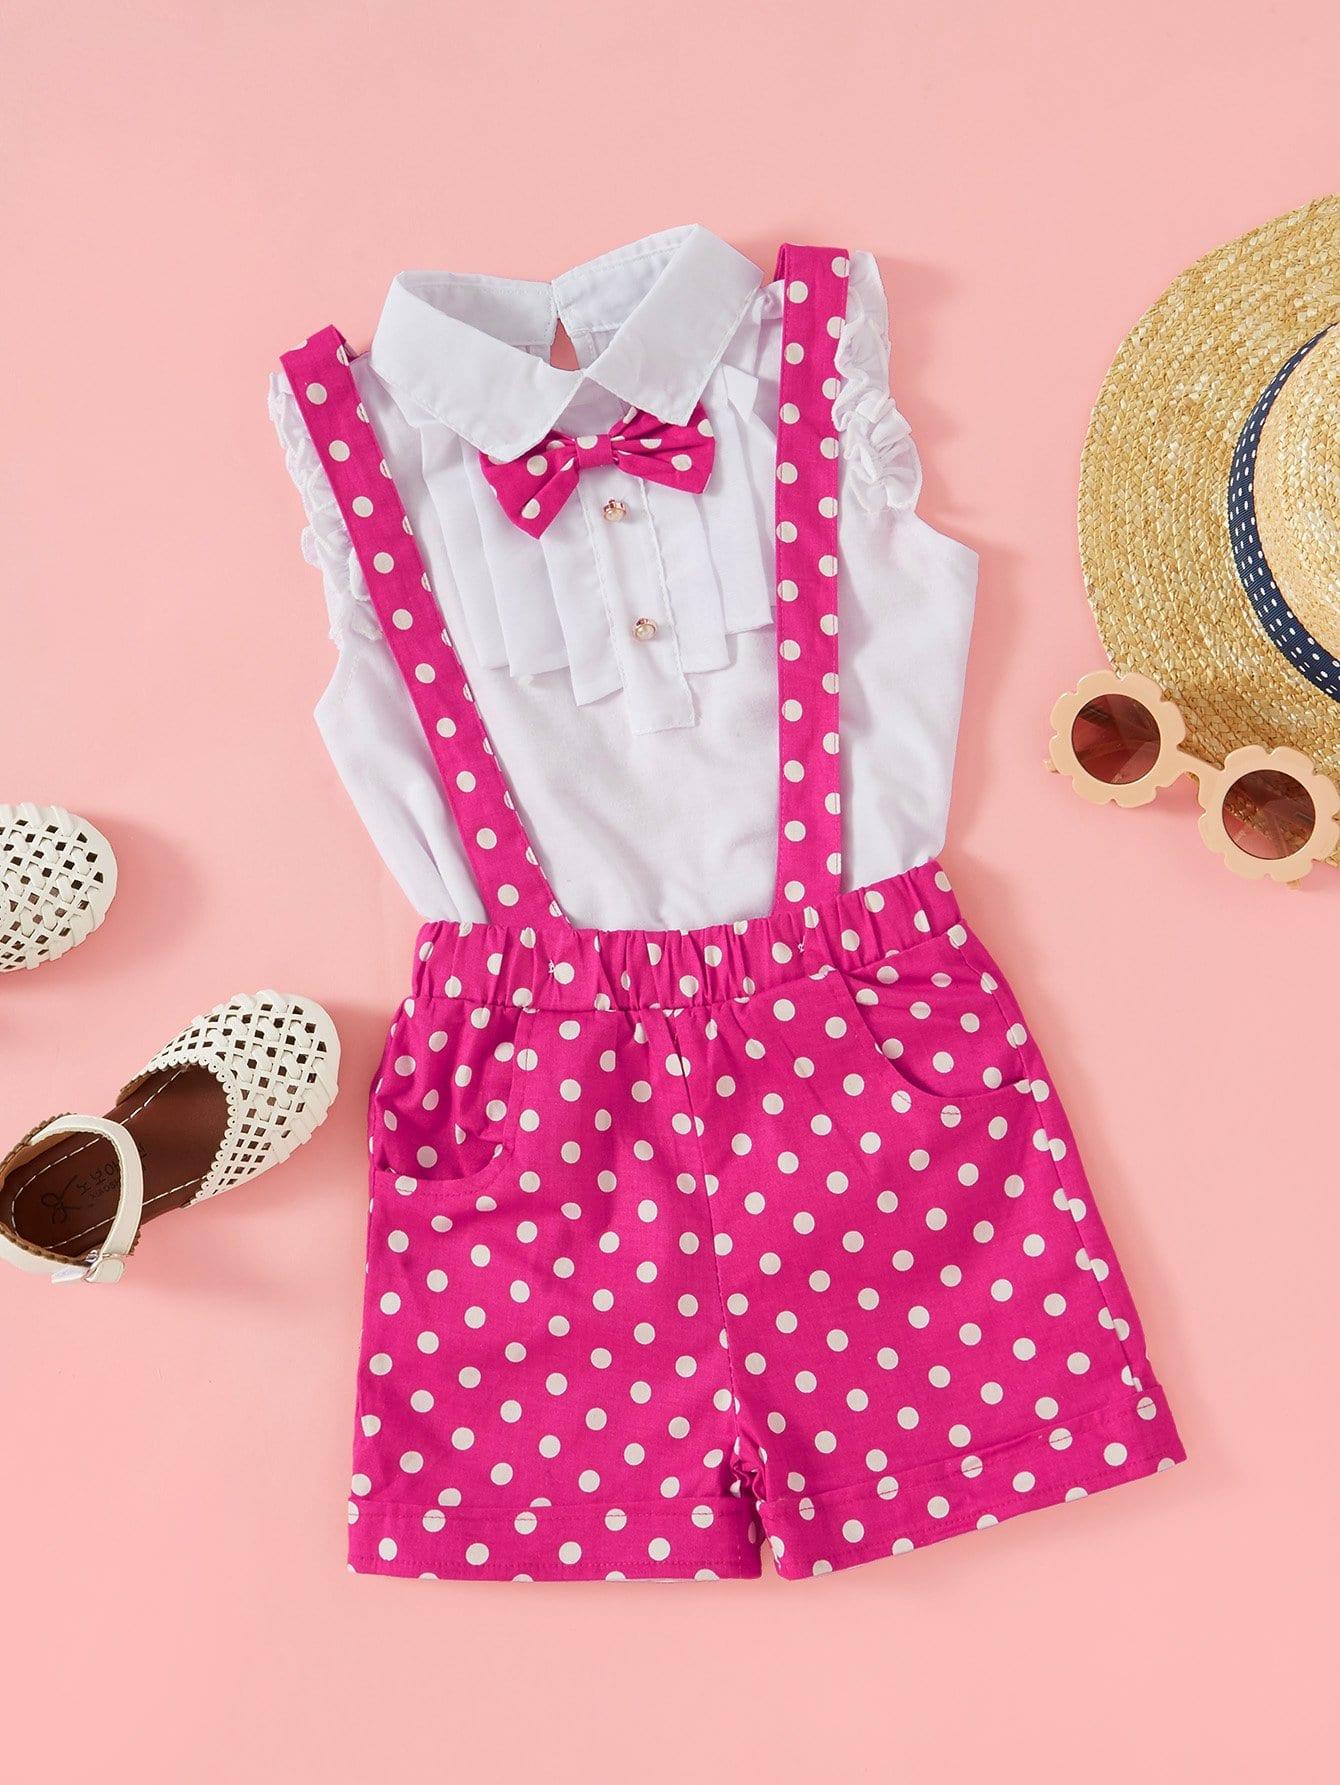 Небольшие точки Розовый Комплекты одежды для девочек из 2 вещей от SheIn